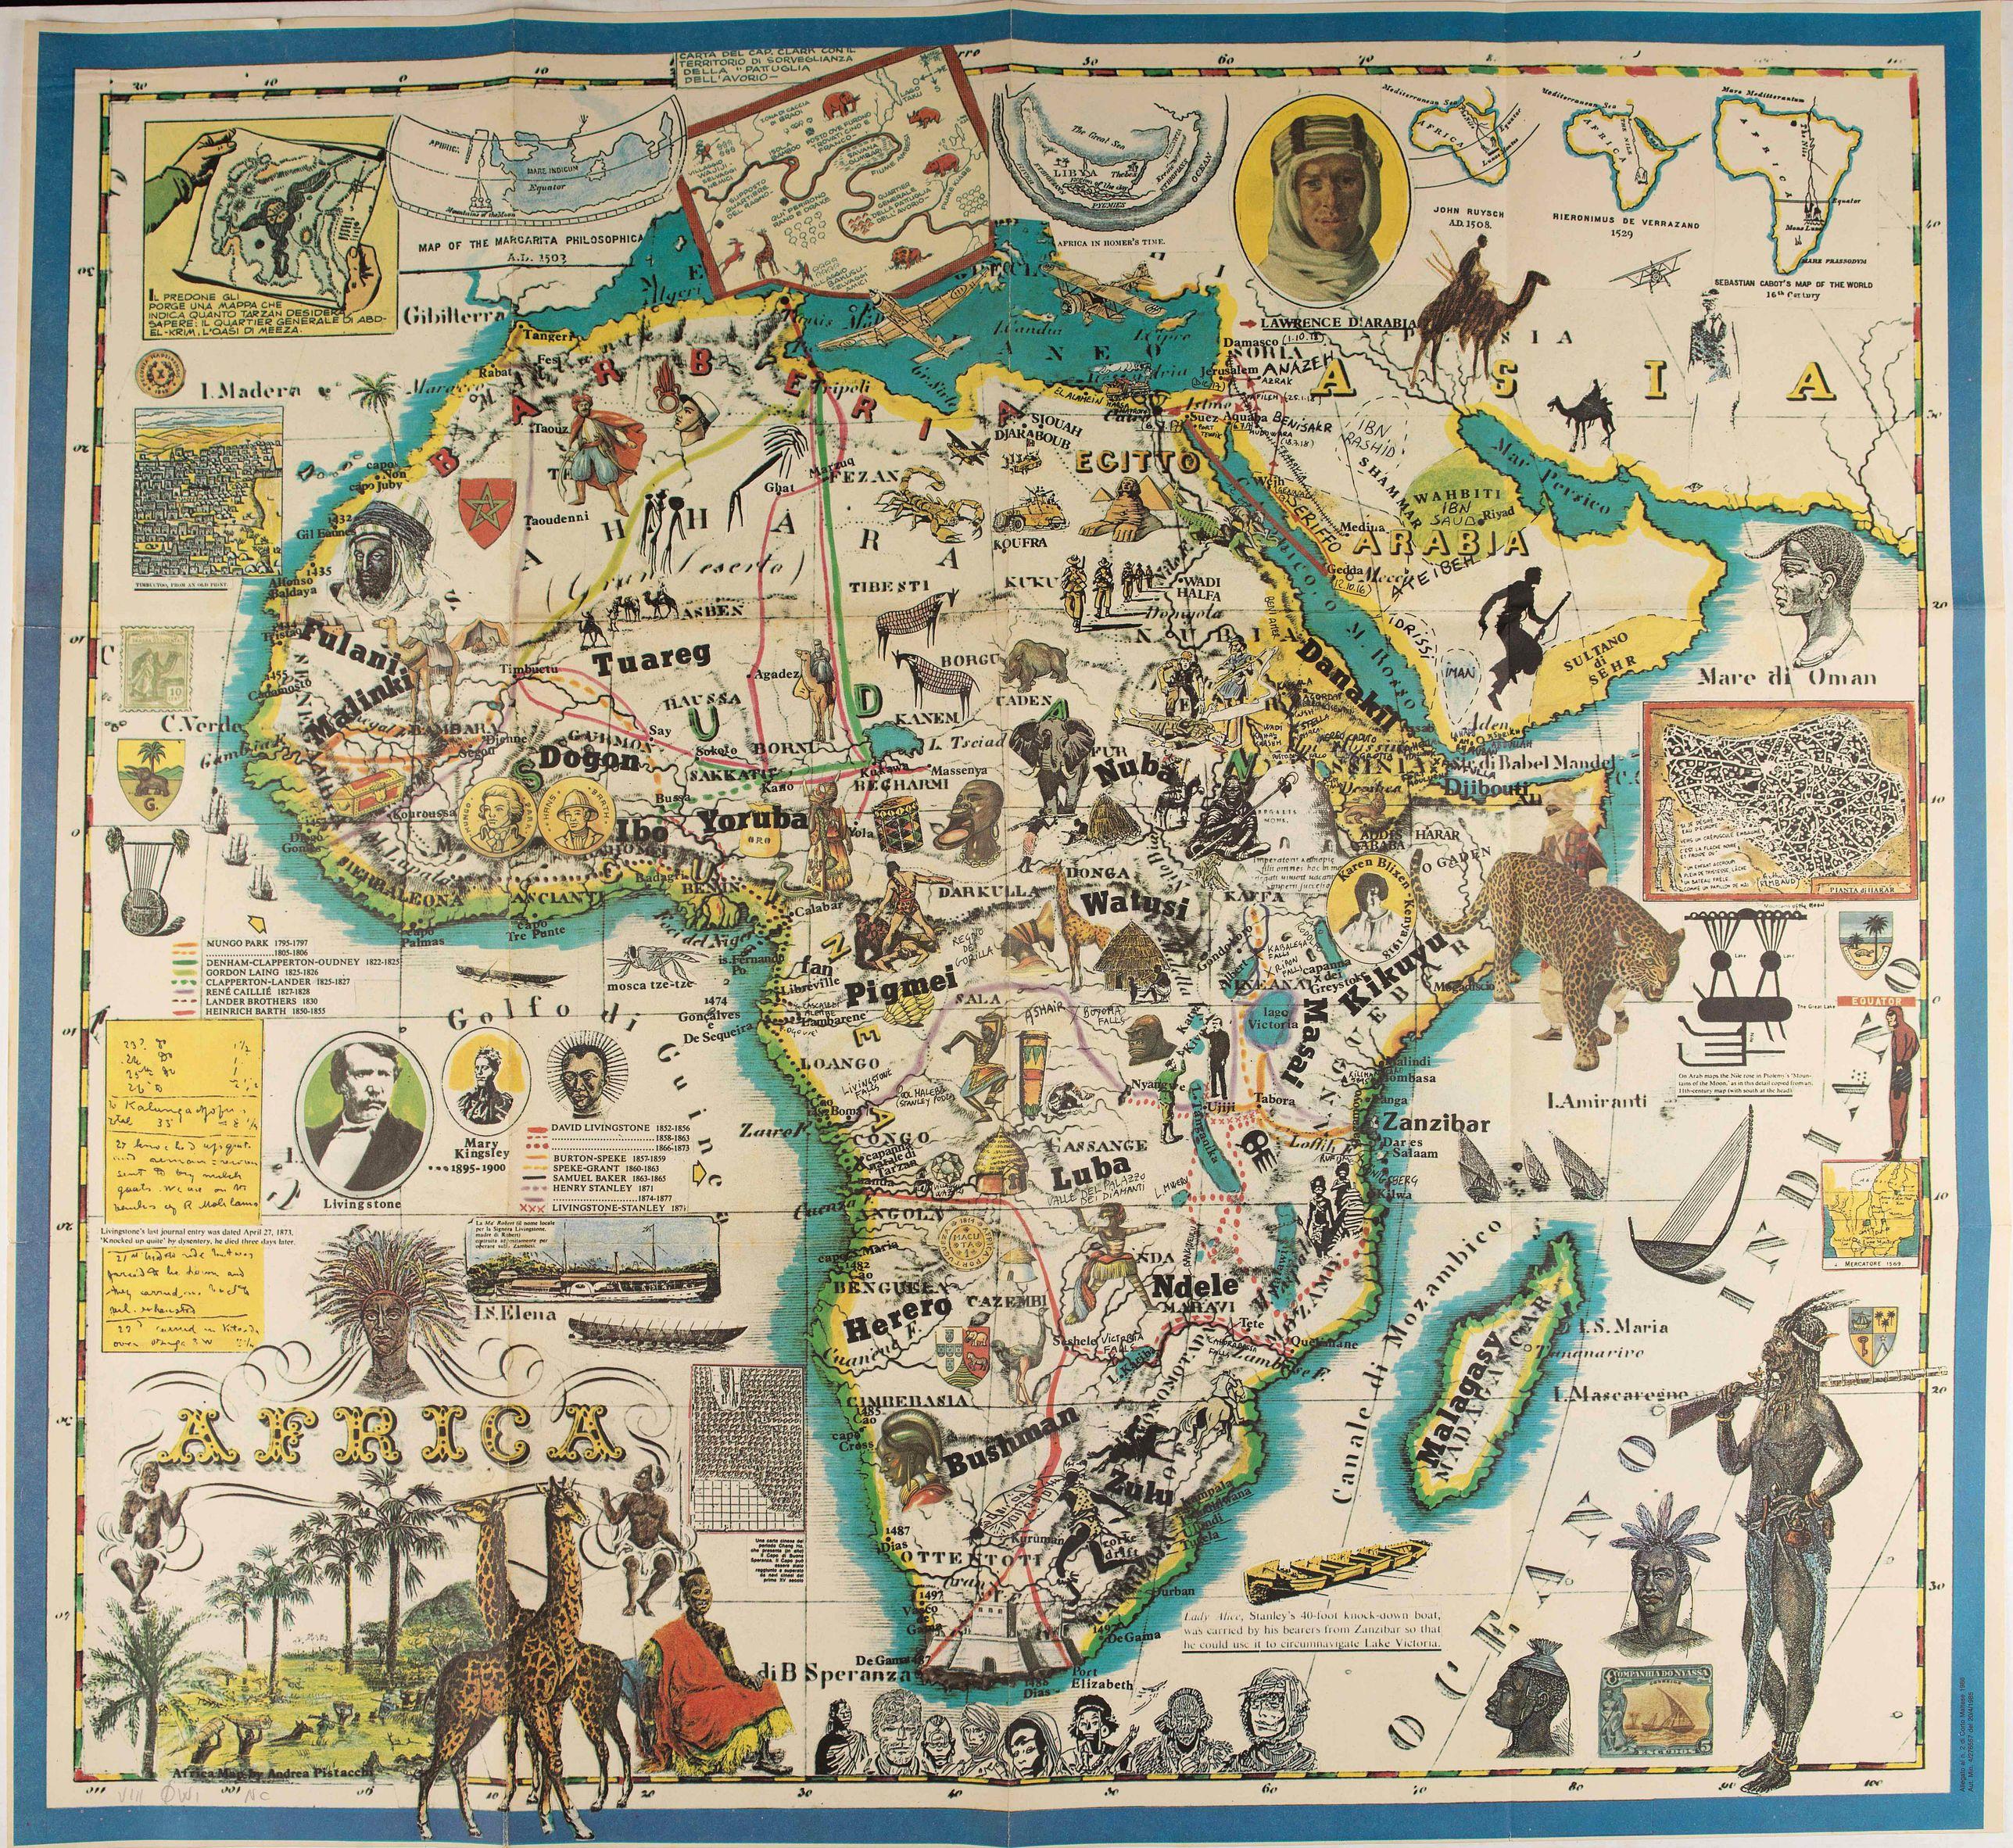 ALLEGATO CORTO MALTESSE - Africa.